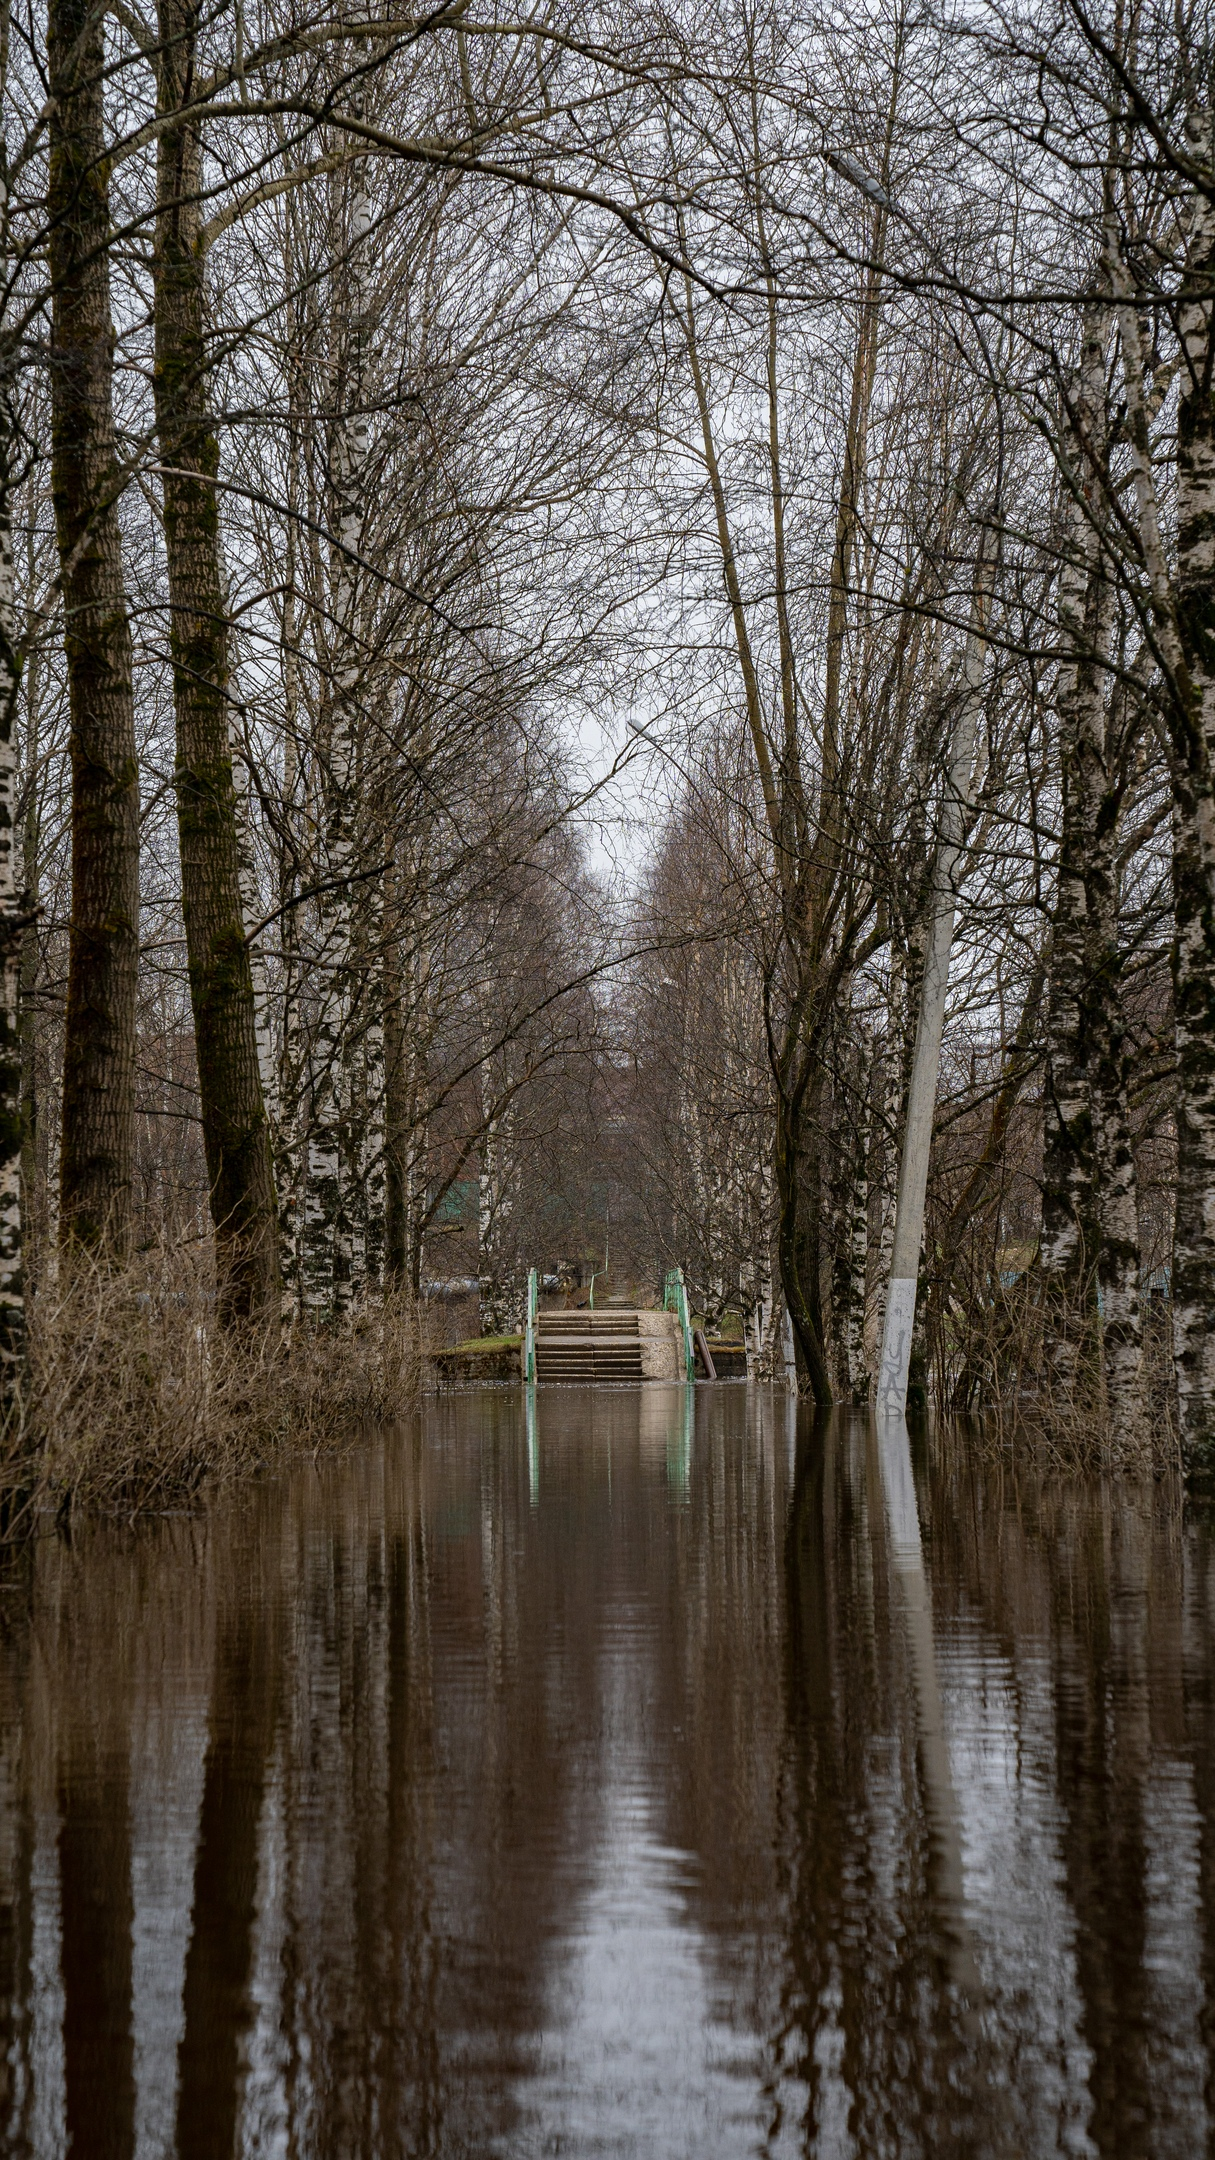 Паводок в Ухте: мониторинг, прогнозы и принимаемые меры, изображение №11